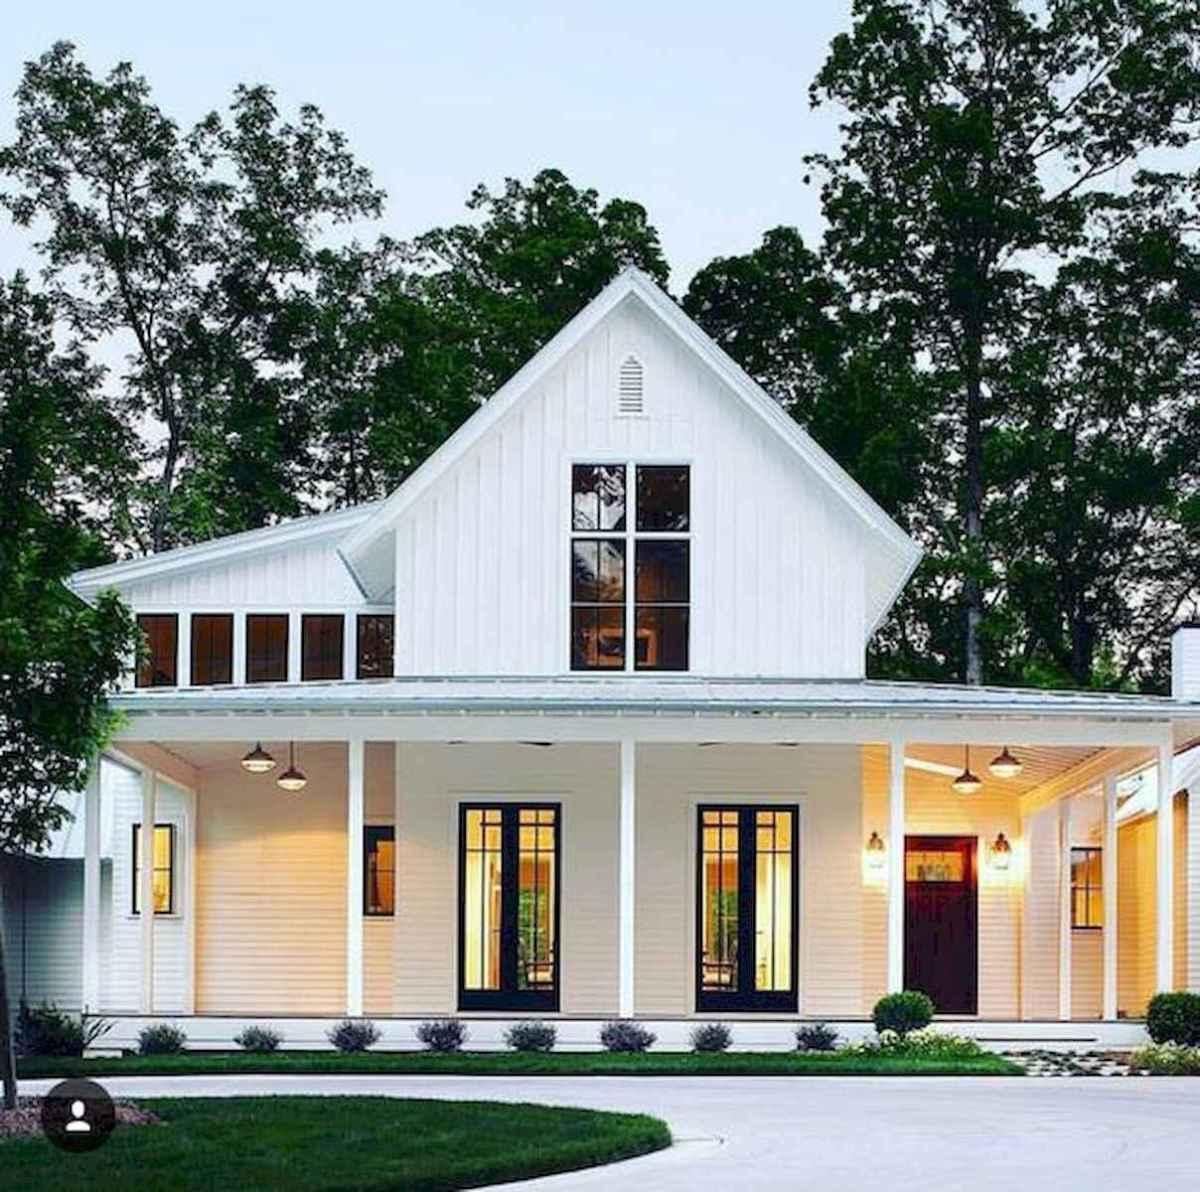 40 Stunning White Farmhouse Exterior Design Ideas (4)